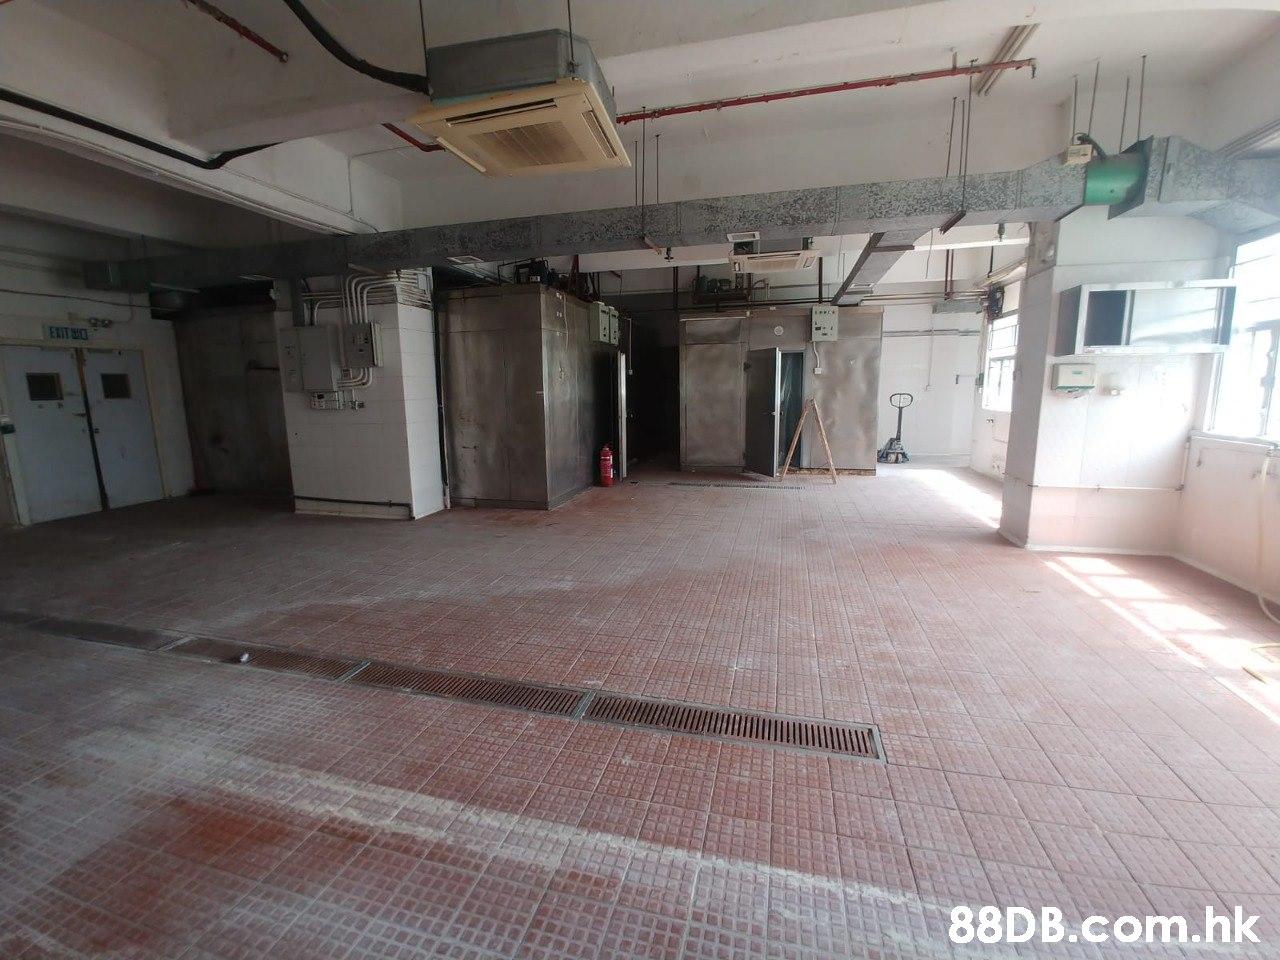 EXIT .hk  Property,Building,Floor,Room,Cement